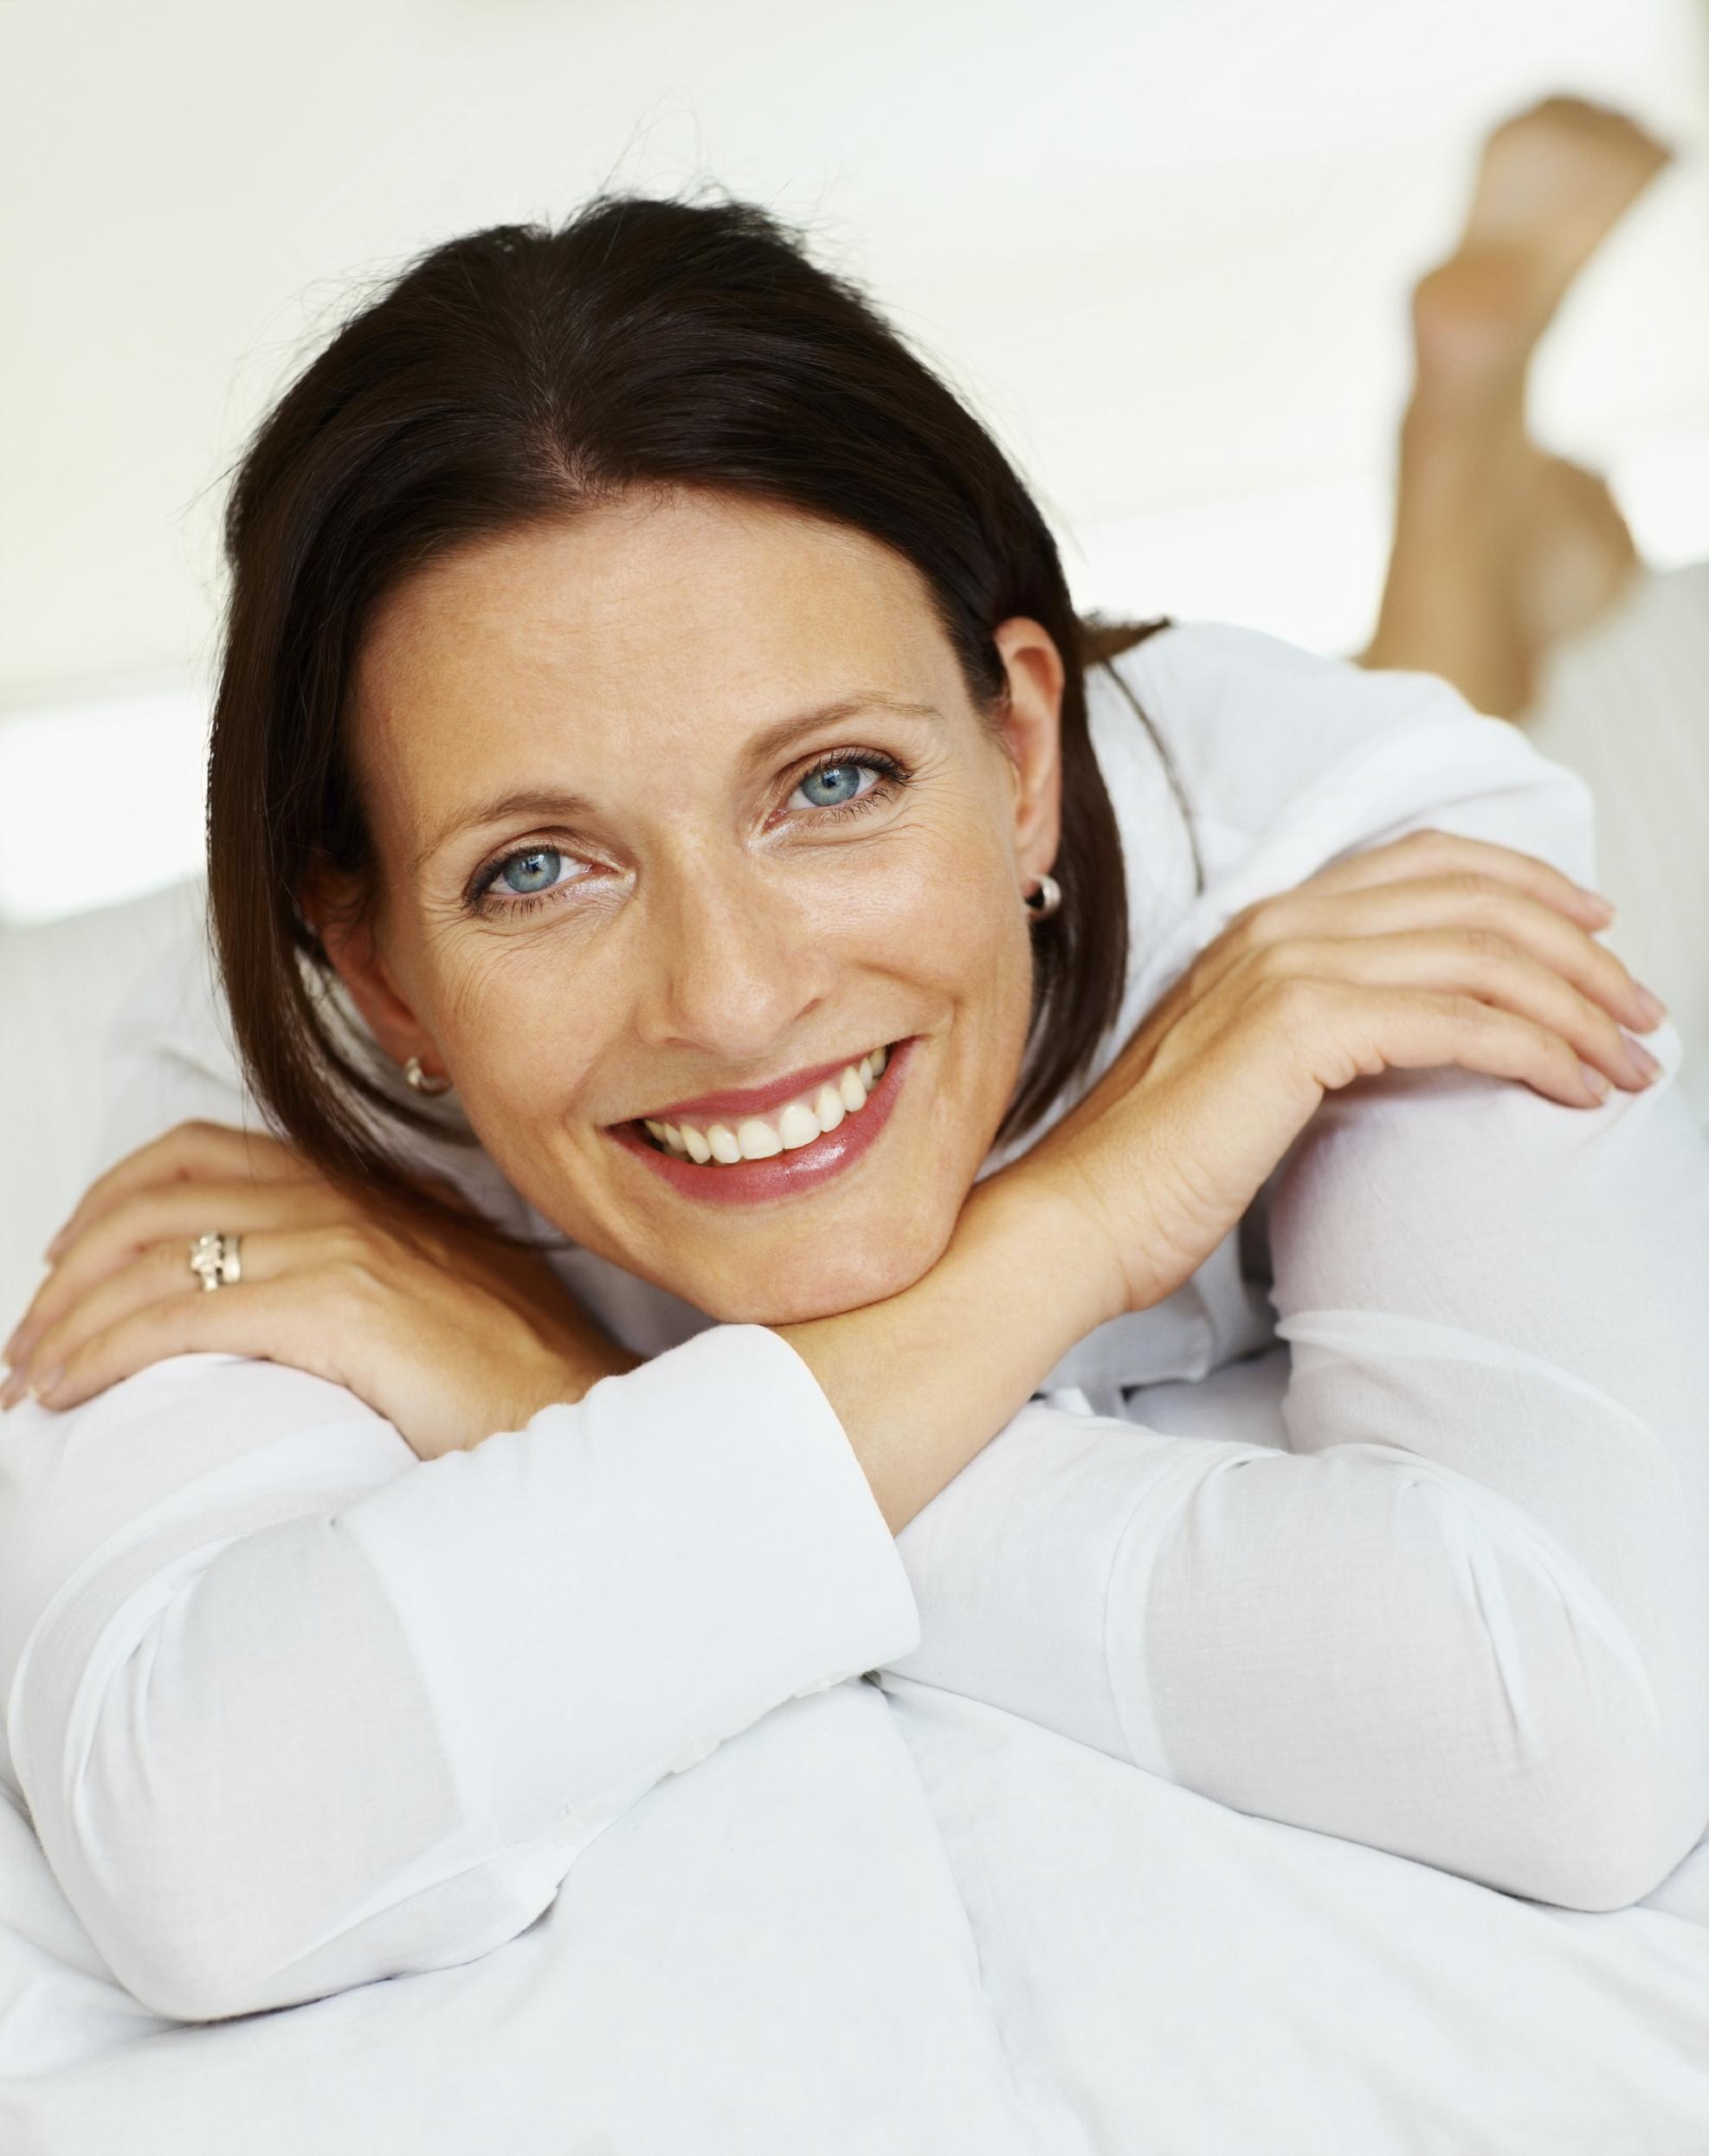 zdravlje žena, lijepa koža